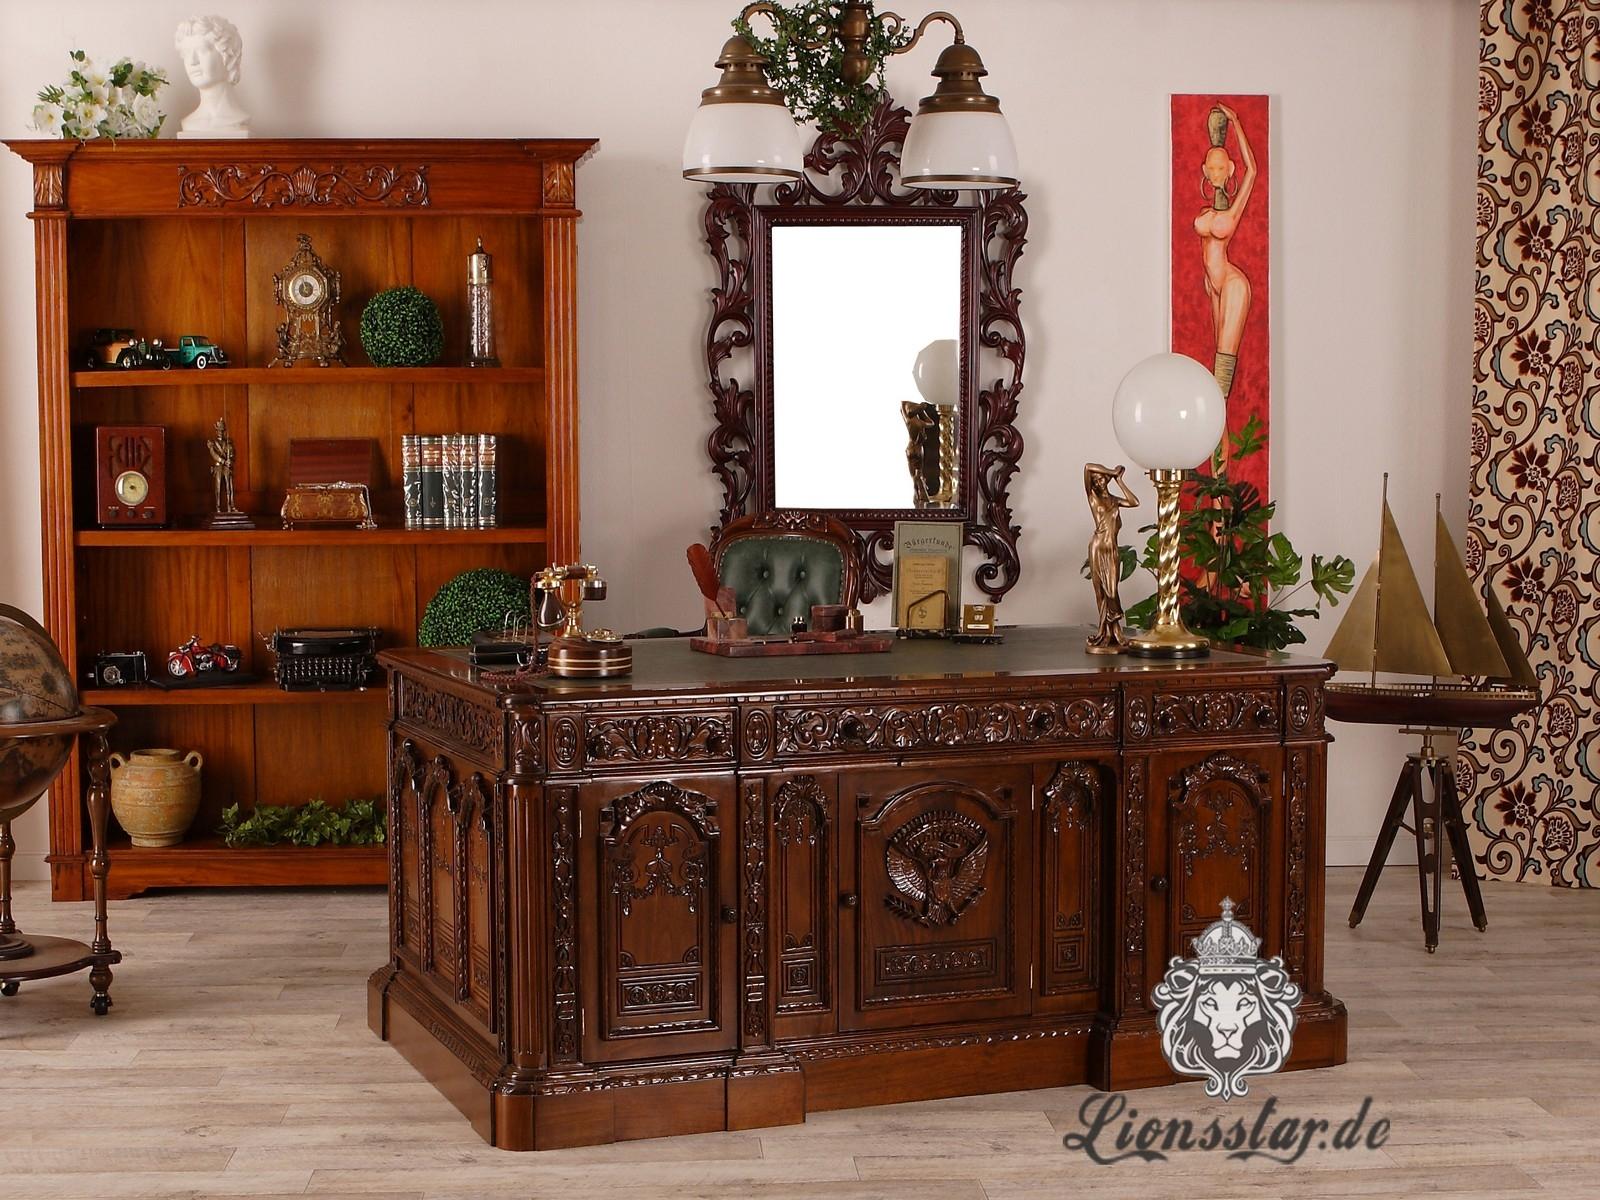 Büromöbel ☆ Luxus-Design genießen | Lionsstar GmbH